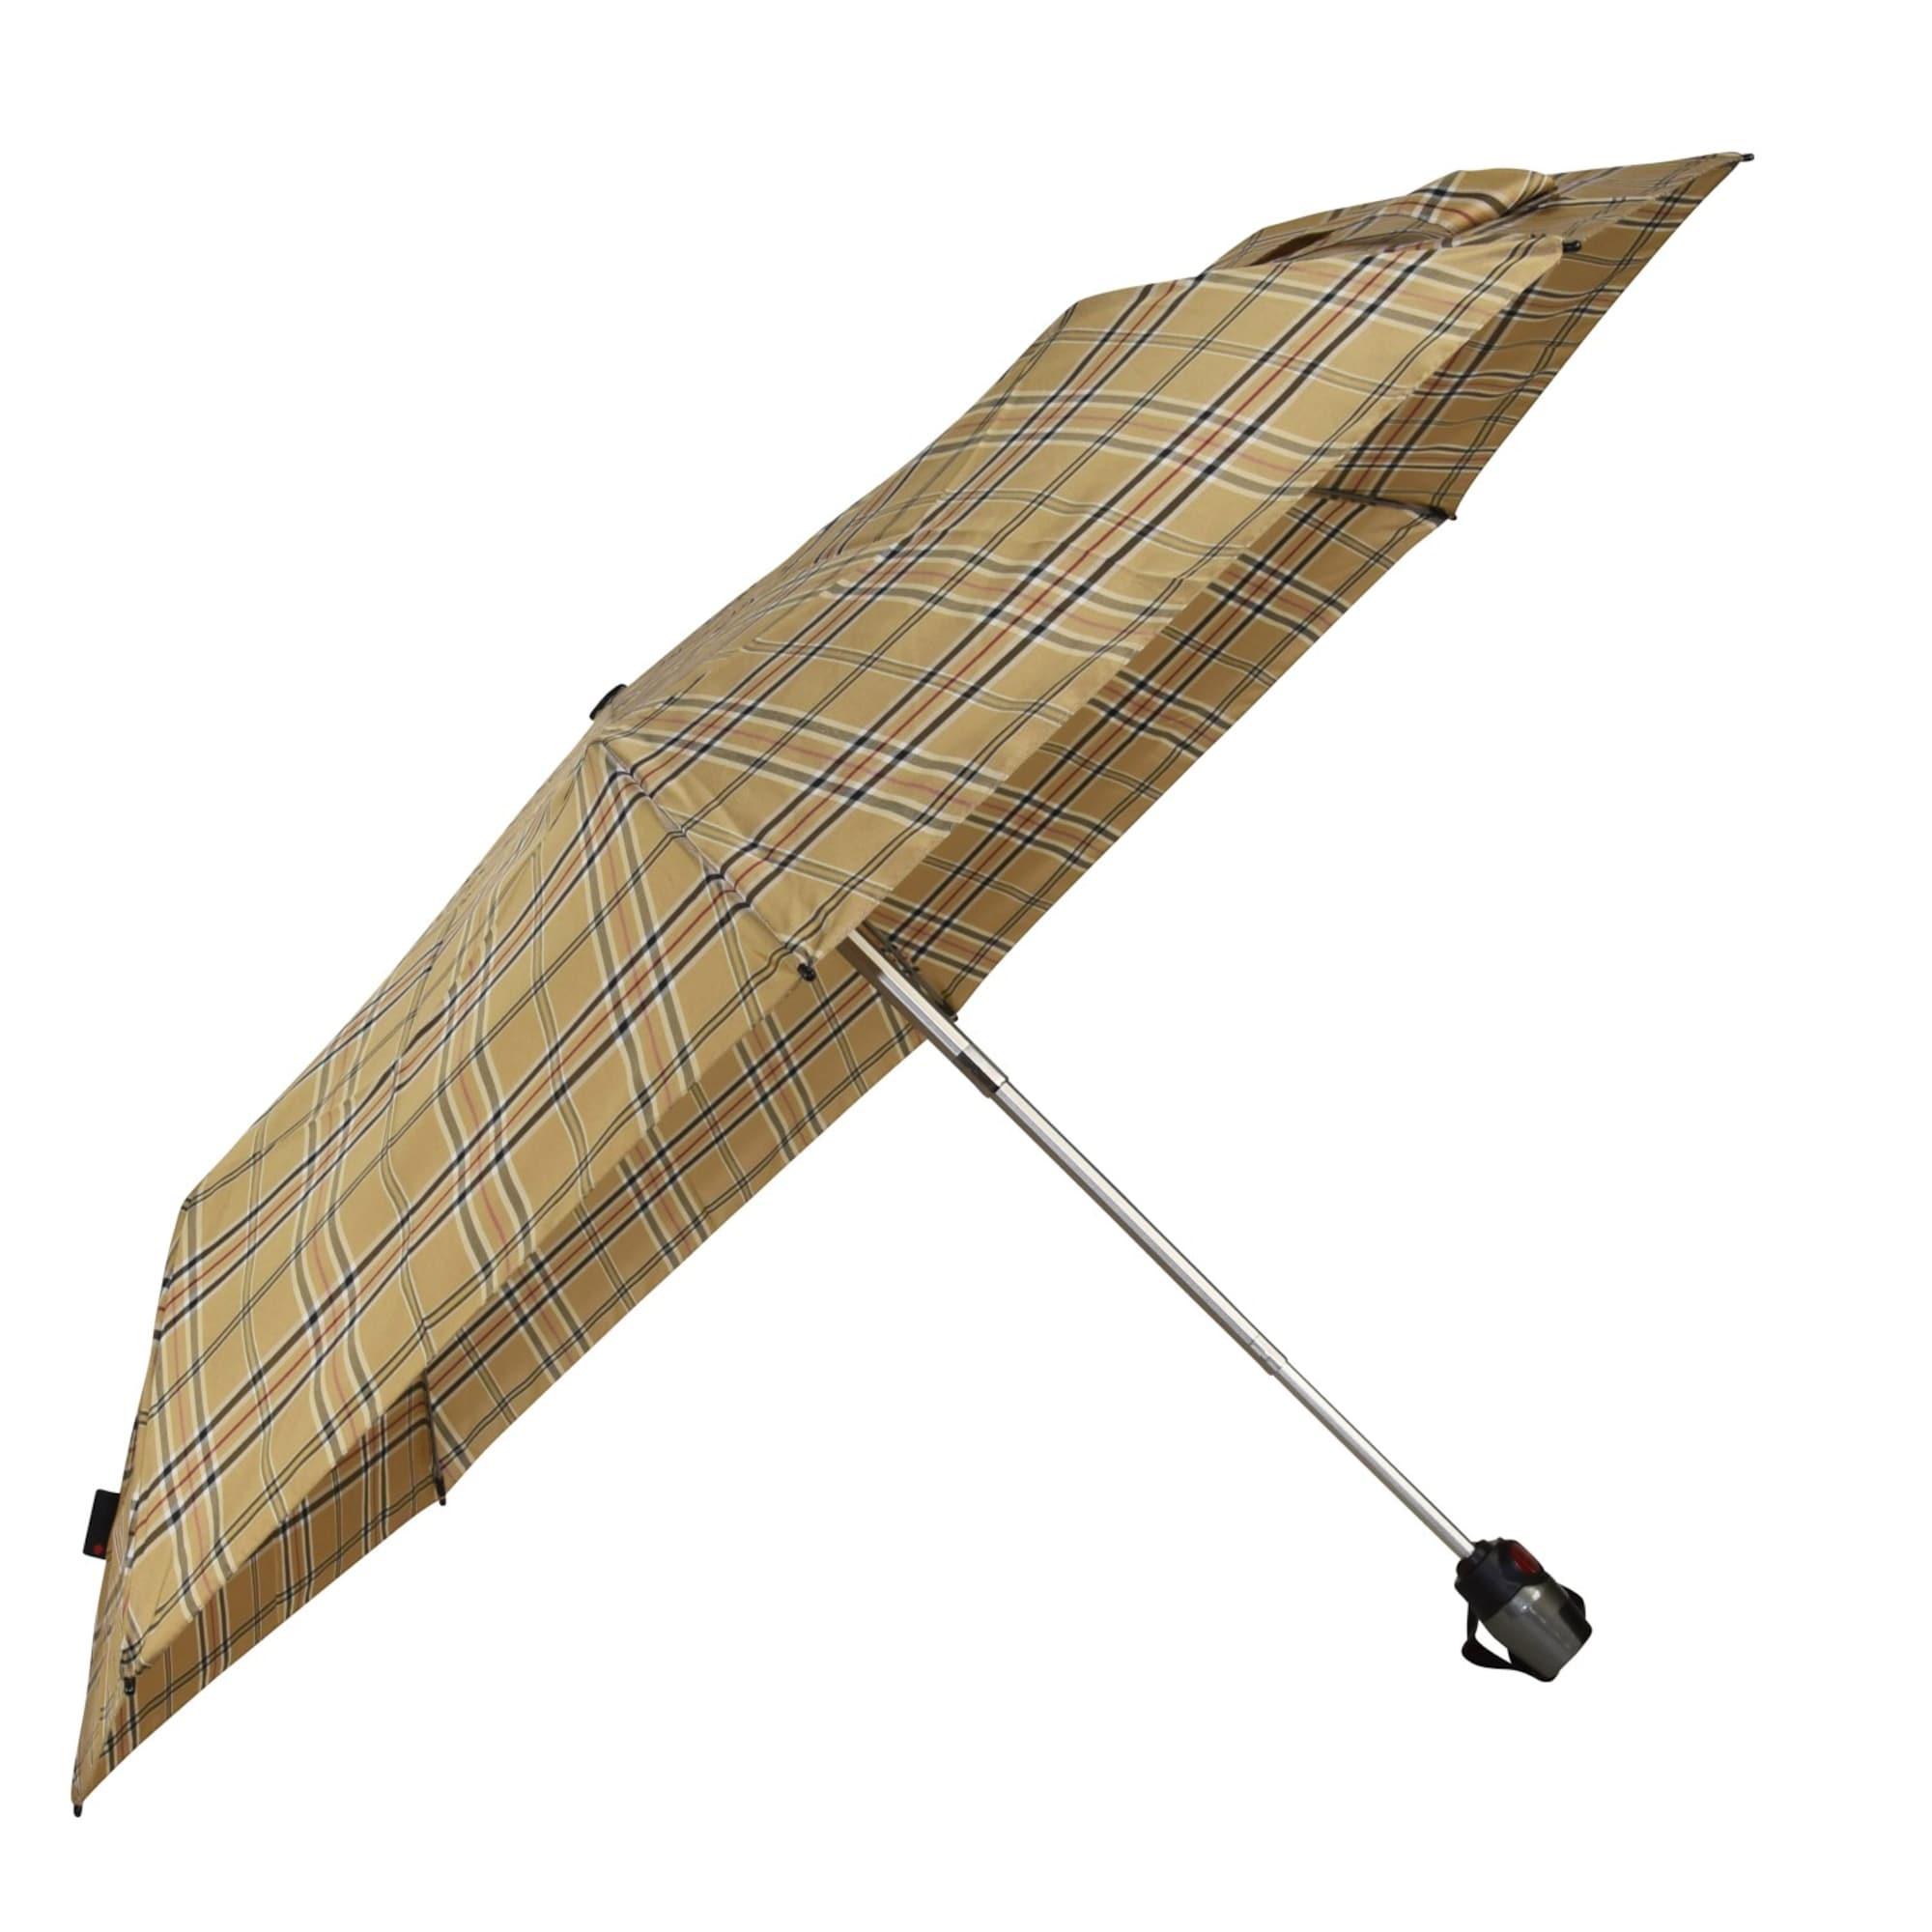 Regenschirm | Accessoires > Regenschirme > Sonstige Regenschirme | knirps